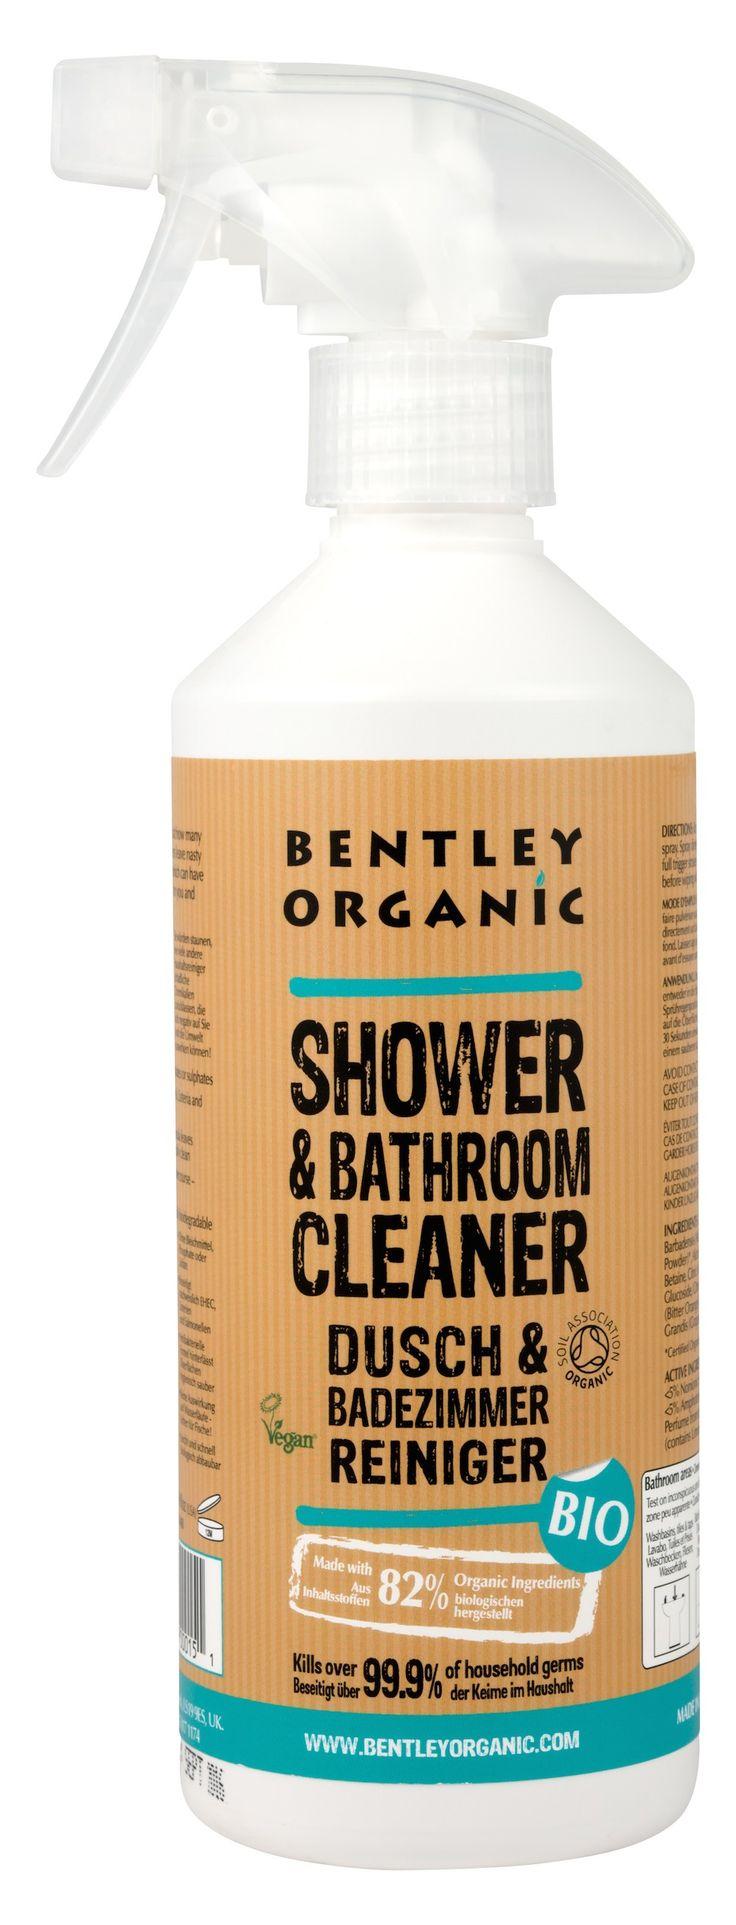 Deilig, frisk og naturlig spray til rengjøring på badet.    Vaskemiddelet er laget spesielt for å få bort flekker og smuss fra såper og generelt baderomsbruk. Har også antibakterielle egenskaper og etterladet badet rent og pent med en frisk duft av sitrus.